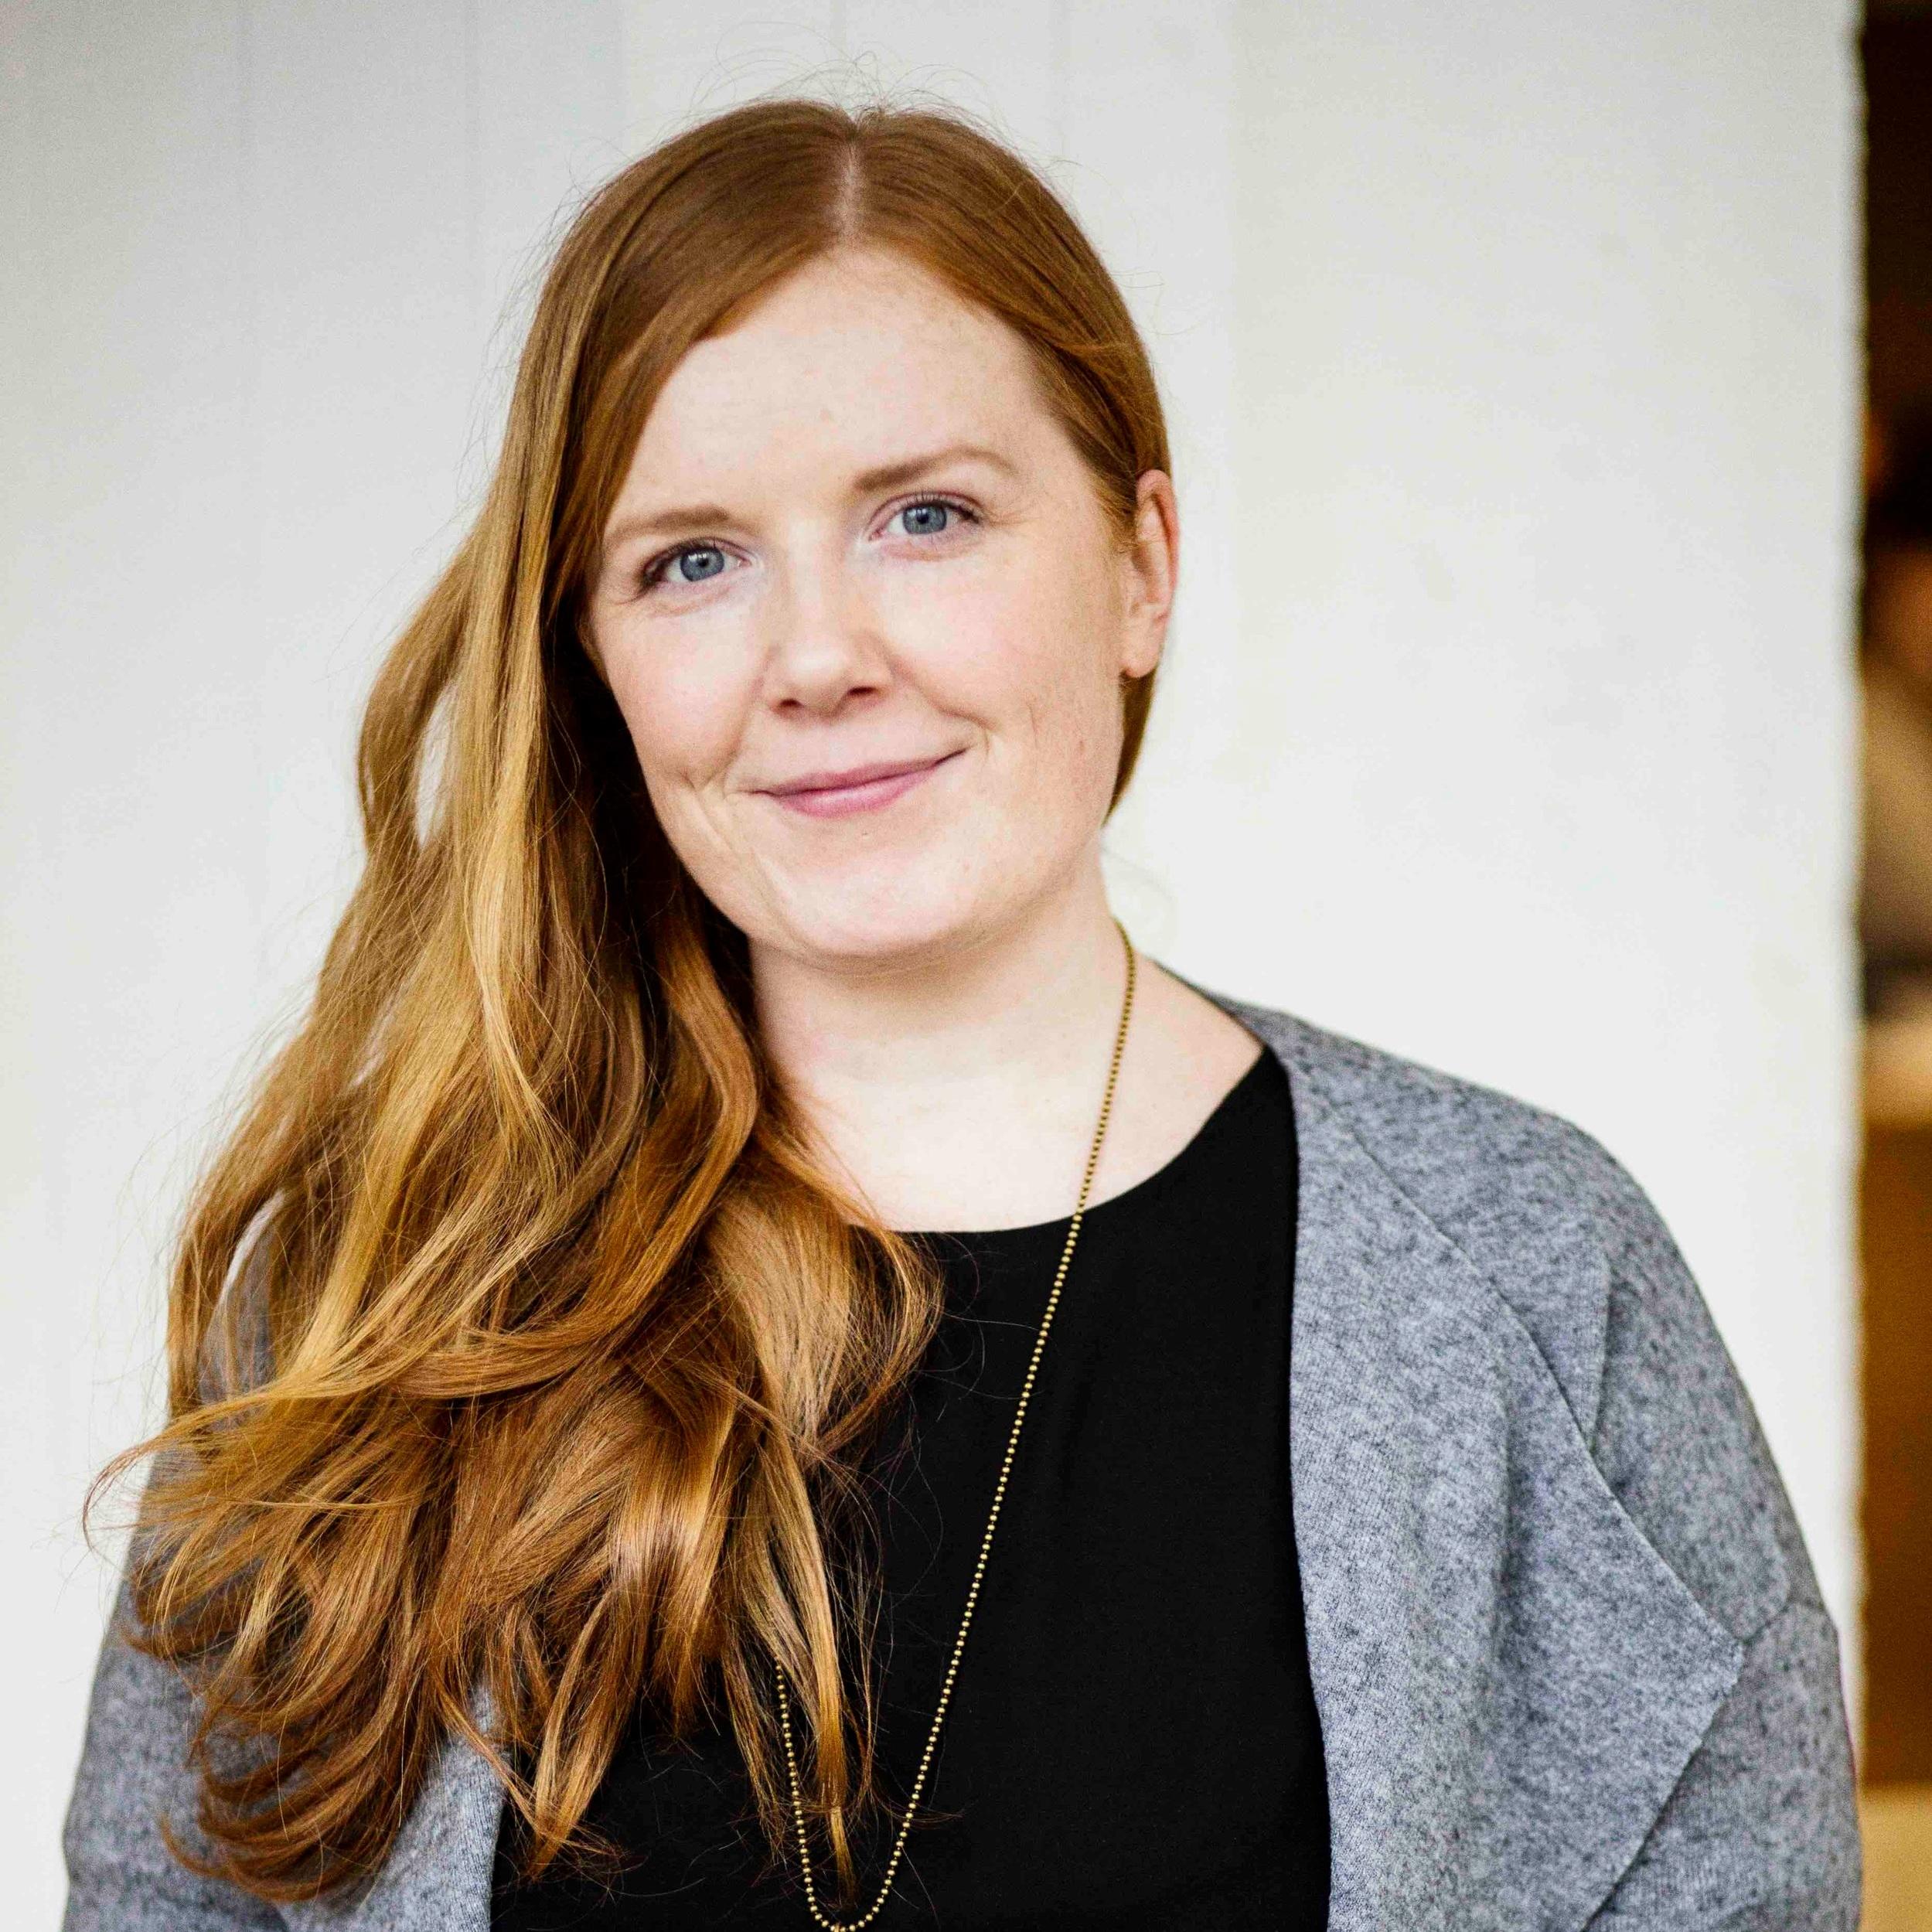 Elina Innanen  on ruokaintoilija, keittokirjailija ja yrittäjä, joka rakastaa maapähkinävoita ja hitaita aamuja. Chocochili-blogissa kokkaillaan herkullista kasvisruokaa rennolla otteella. Chocochili on kerännyt kymmenessä vuodessa valtavan yleisön, ja kuukausittain kävijöitä blogissa on parhaimmillaan yli 100 000.   Arvostelukappaleet ja haastattelut  >  heini.salminen@kosmoskirjat.fi    Pressikuvat  >  Kansi   I   Kuva 1   I   Kuva 2   I  Kuvat: Meri Björn.